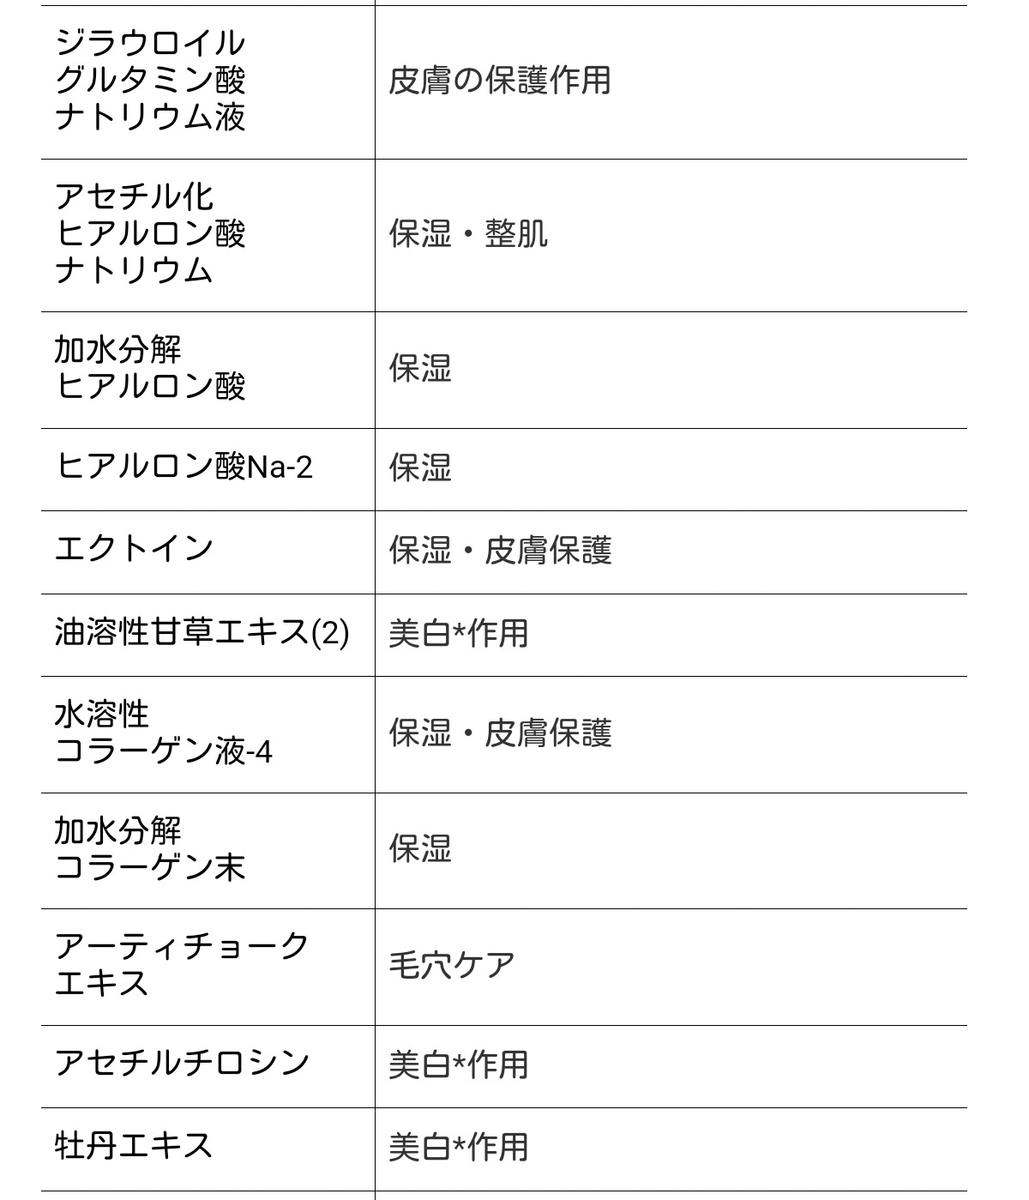 f:id:matsukichi230:20210607180340j:plain